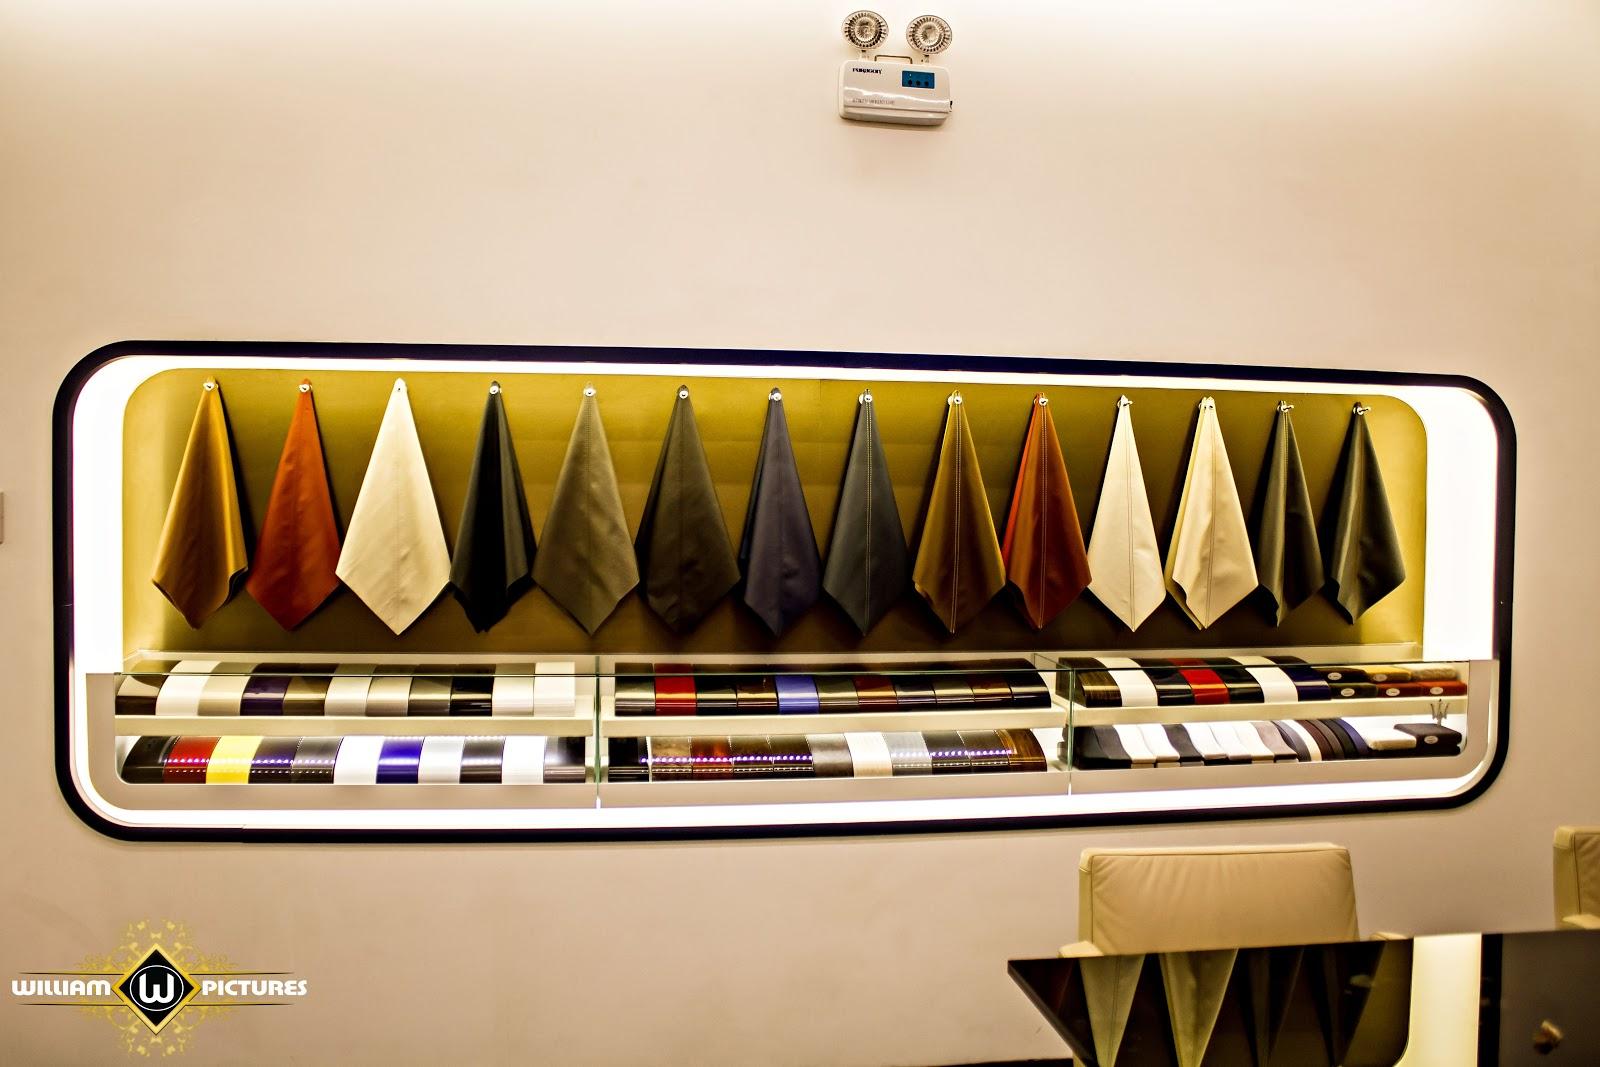 Khi khách hàng xem xe, họ có thể tùy chọn màu sắc, phong cách nội thất cho riêng minh